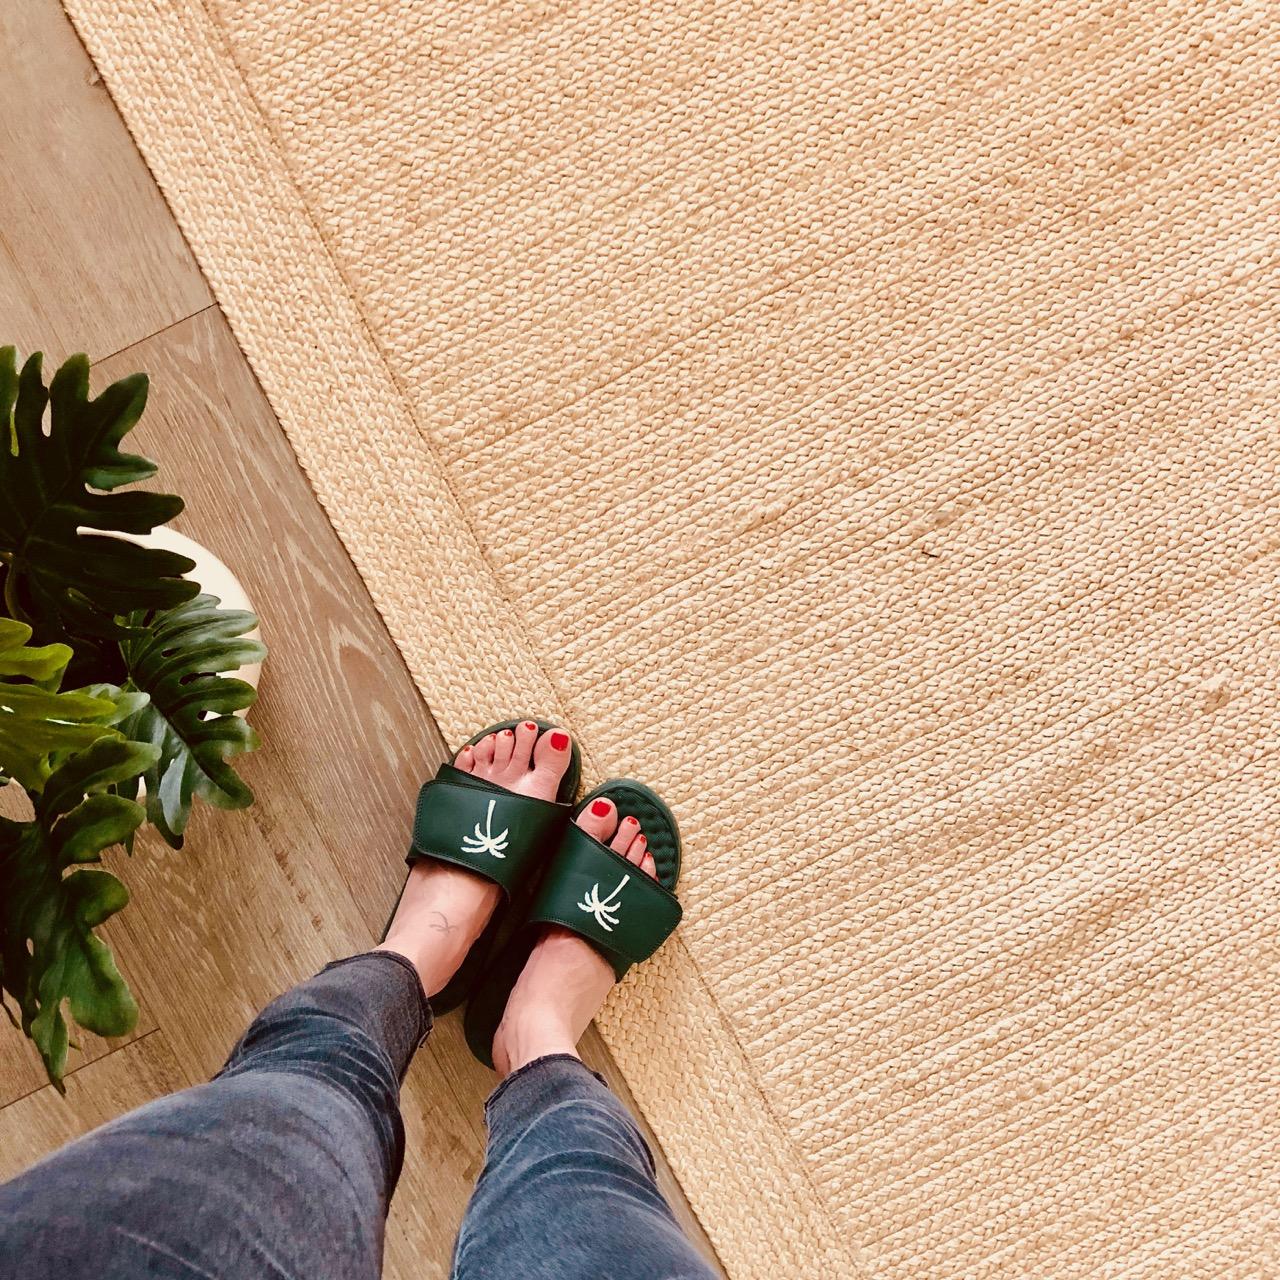 I slide customized slides and flip flops